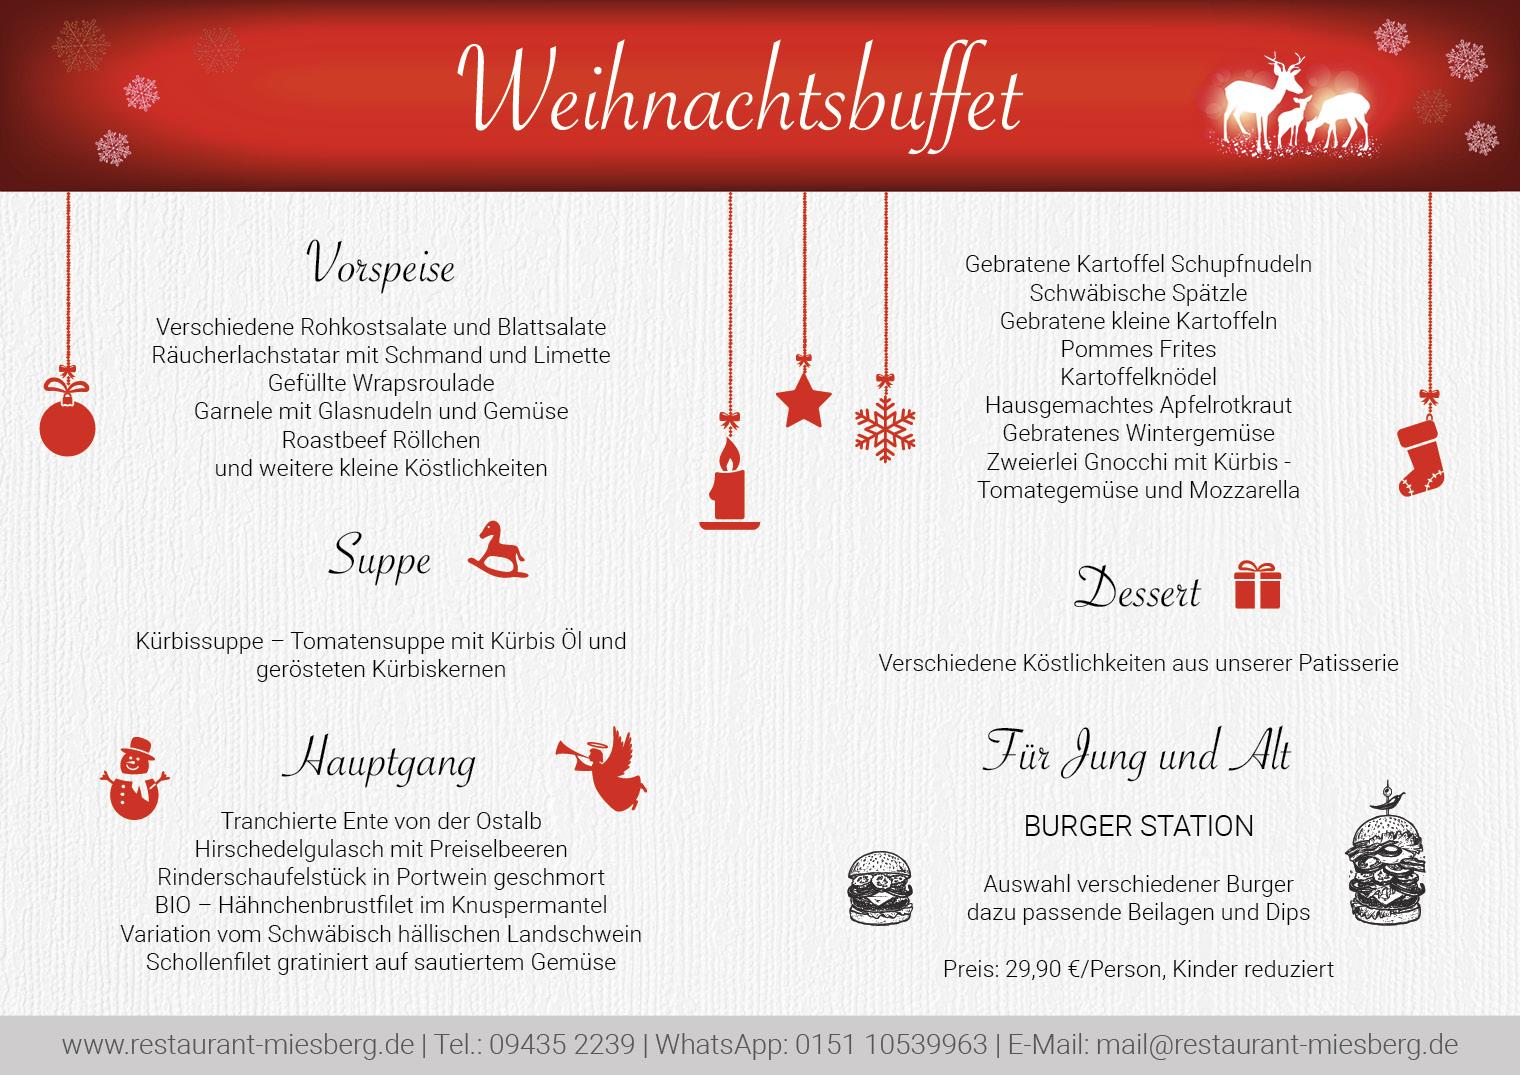 Weihnachtsmenü Restaurant Miesberg